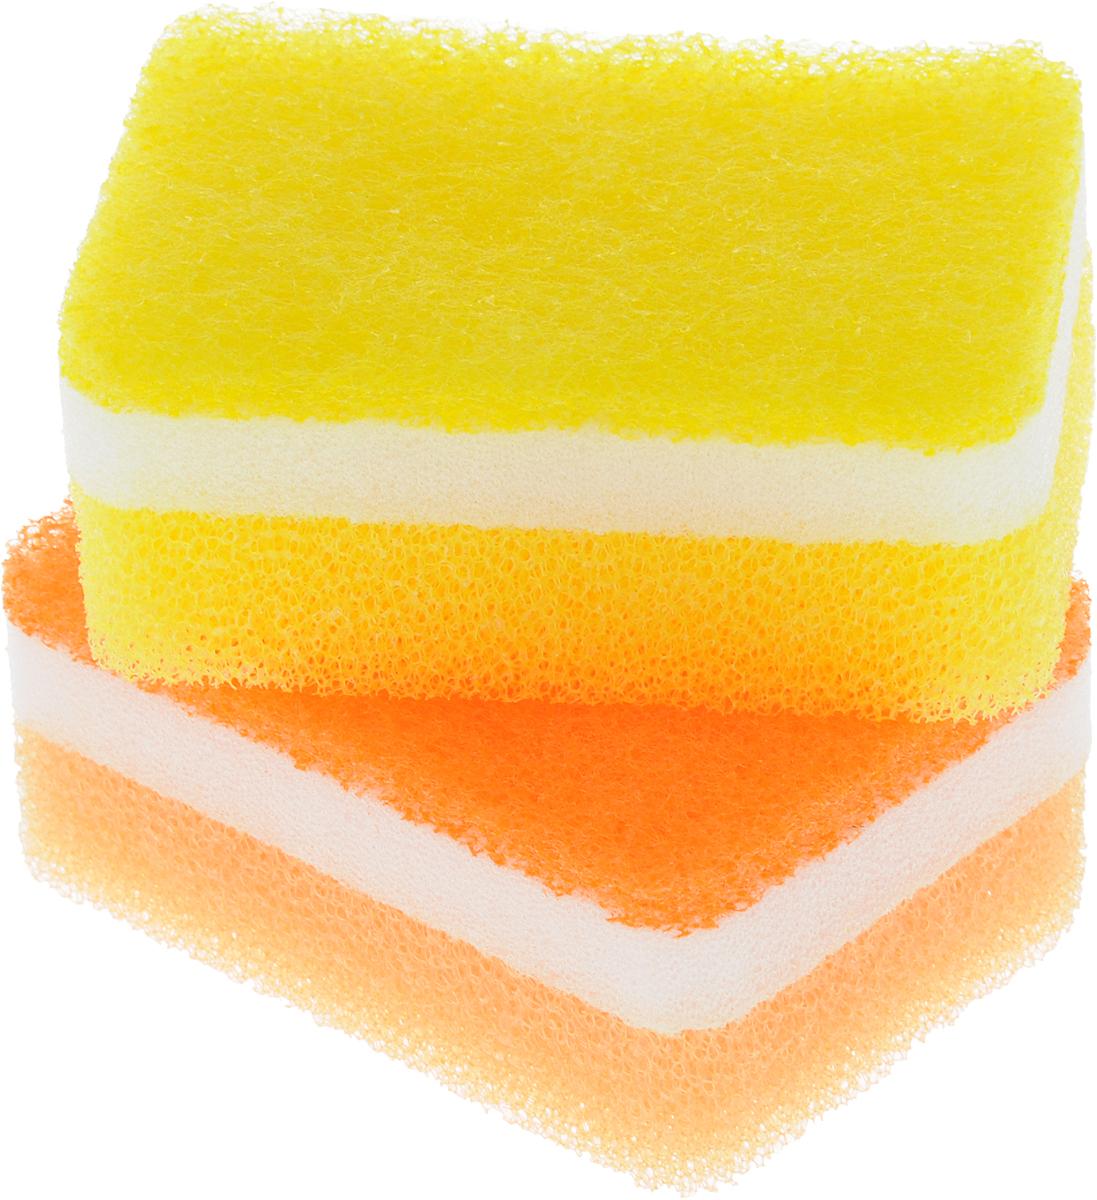 Губка для посуды Ohe Awa Qutto Soft Sponge, трехслойная, верхний слой средней жесткости, 8 х 6 х 3,5 см, 2 шт507106Трехслойная губка Ohe Awa Qutto Soft Sponge для чистки и мытья изделий из пластика, стекла, эмалированной посуды, керамики, посуды, покрытой пластиком, кухонных приборов из нержавеющей стали. Особенности изделия:- в губке проделаны 3 отверстия, за счет этого легко образуется пена и вода быстро выводится,- нетканый материал на внешней стороне губки прекрасно очищает посуду и не царапает поверхность,- мягкая губка в середине создает мелкую пену,- губка-фильтр на внешней стороне полностью очищает поверхность от грязи и быстро убирает пену,- в области, где находится губка, применено антибактериальное средство,- является безопасным продуктом, поскольку для склеивания не используются растворители и другие опасные вещества.В комплект входят 2 губки.Состав: нетканая поверхность - нейлон, губка - полиуретан. Выдерживает температуру до 90°С.